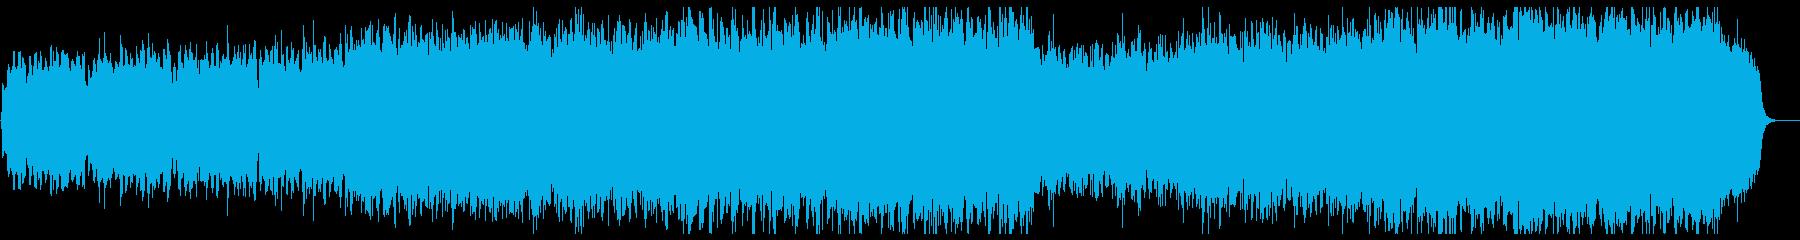 現代邦画アニメOP風シネマティックオケの再生済みの波形